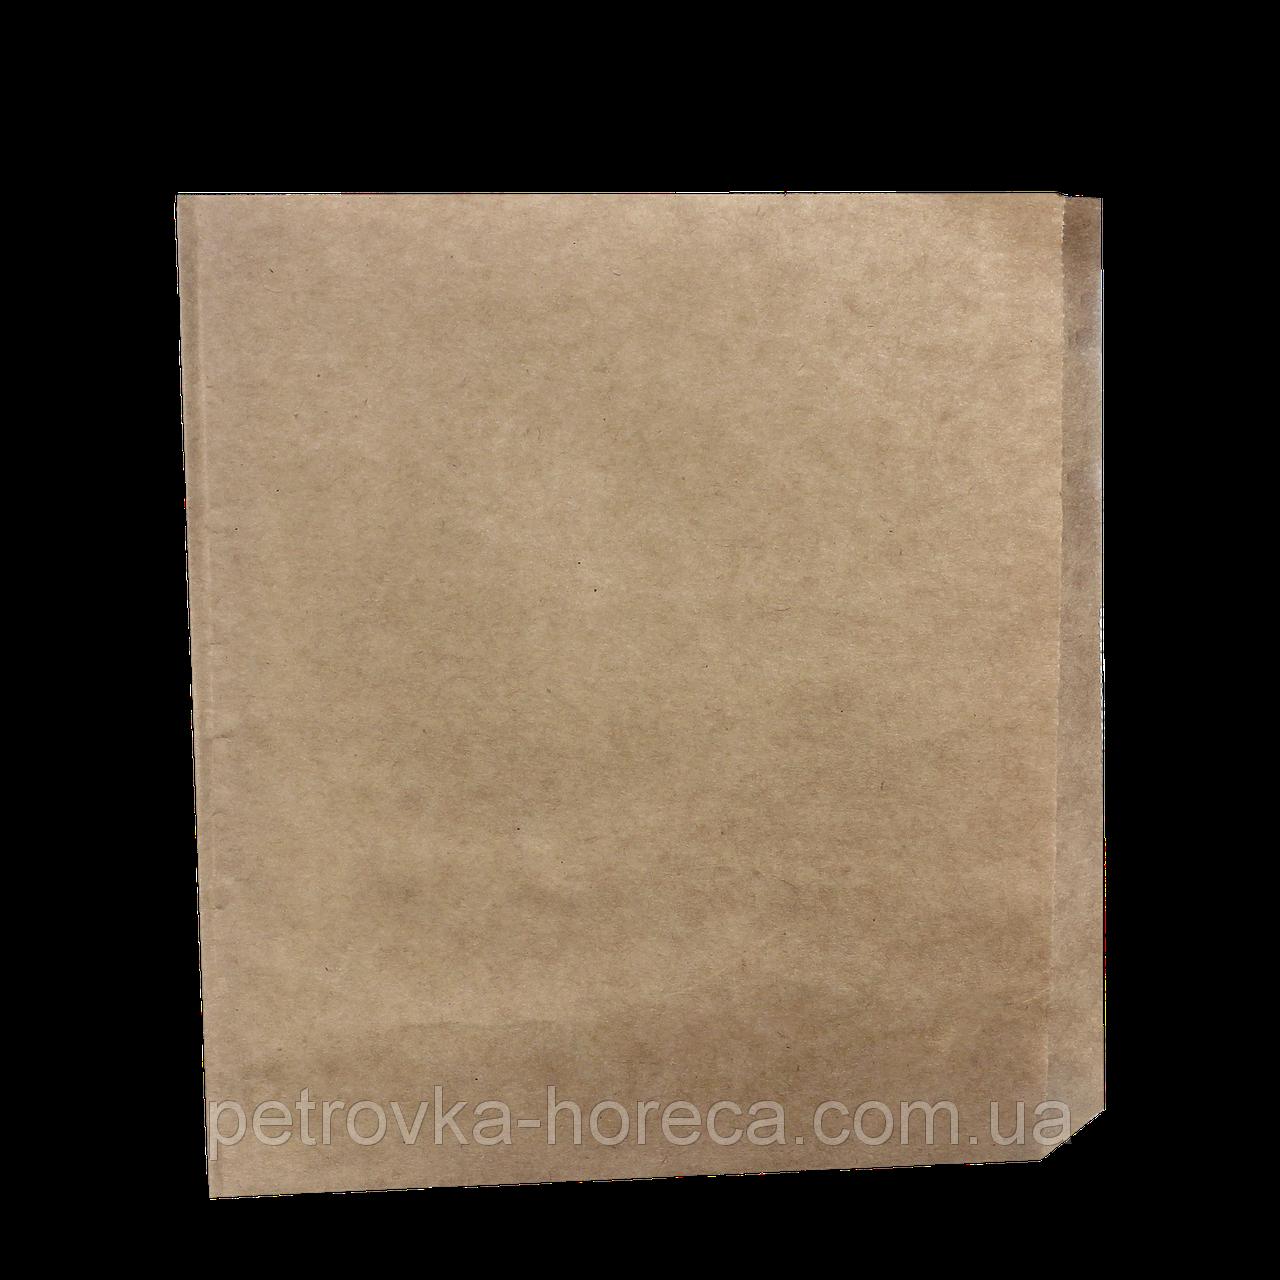 Куток паперовий 160*170мм. 500шт Бурий (932/43)